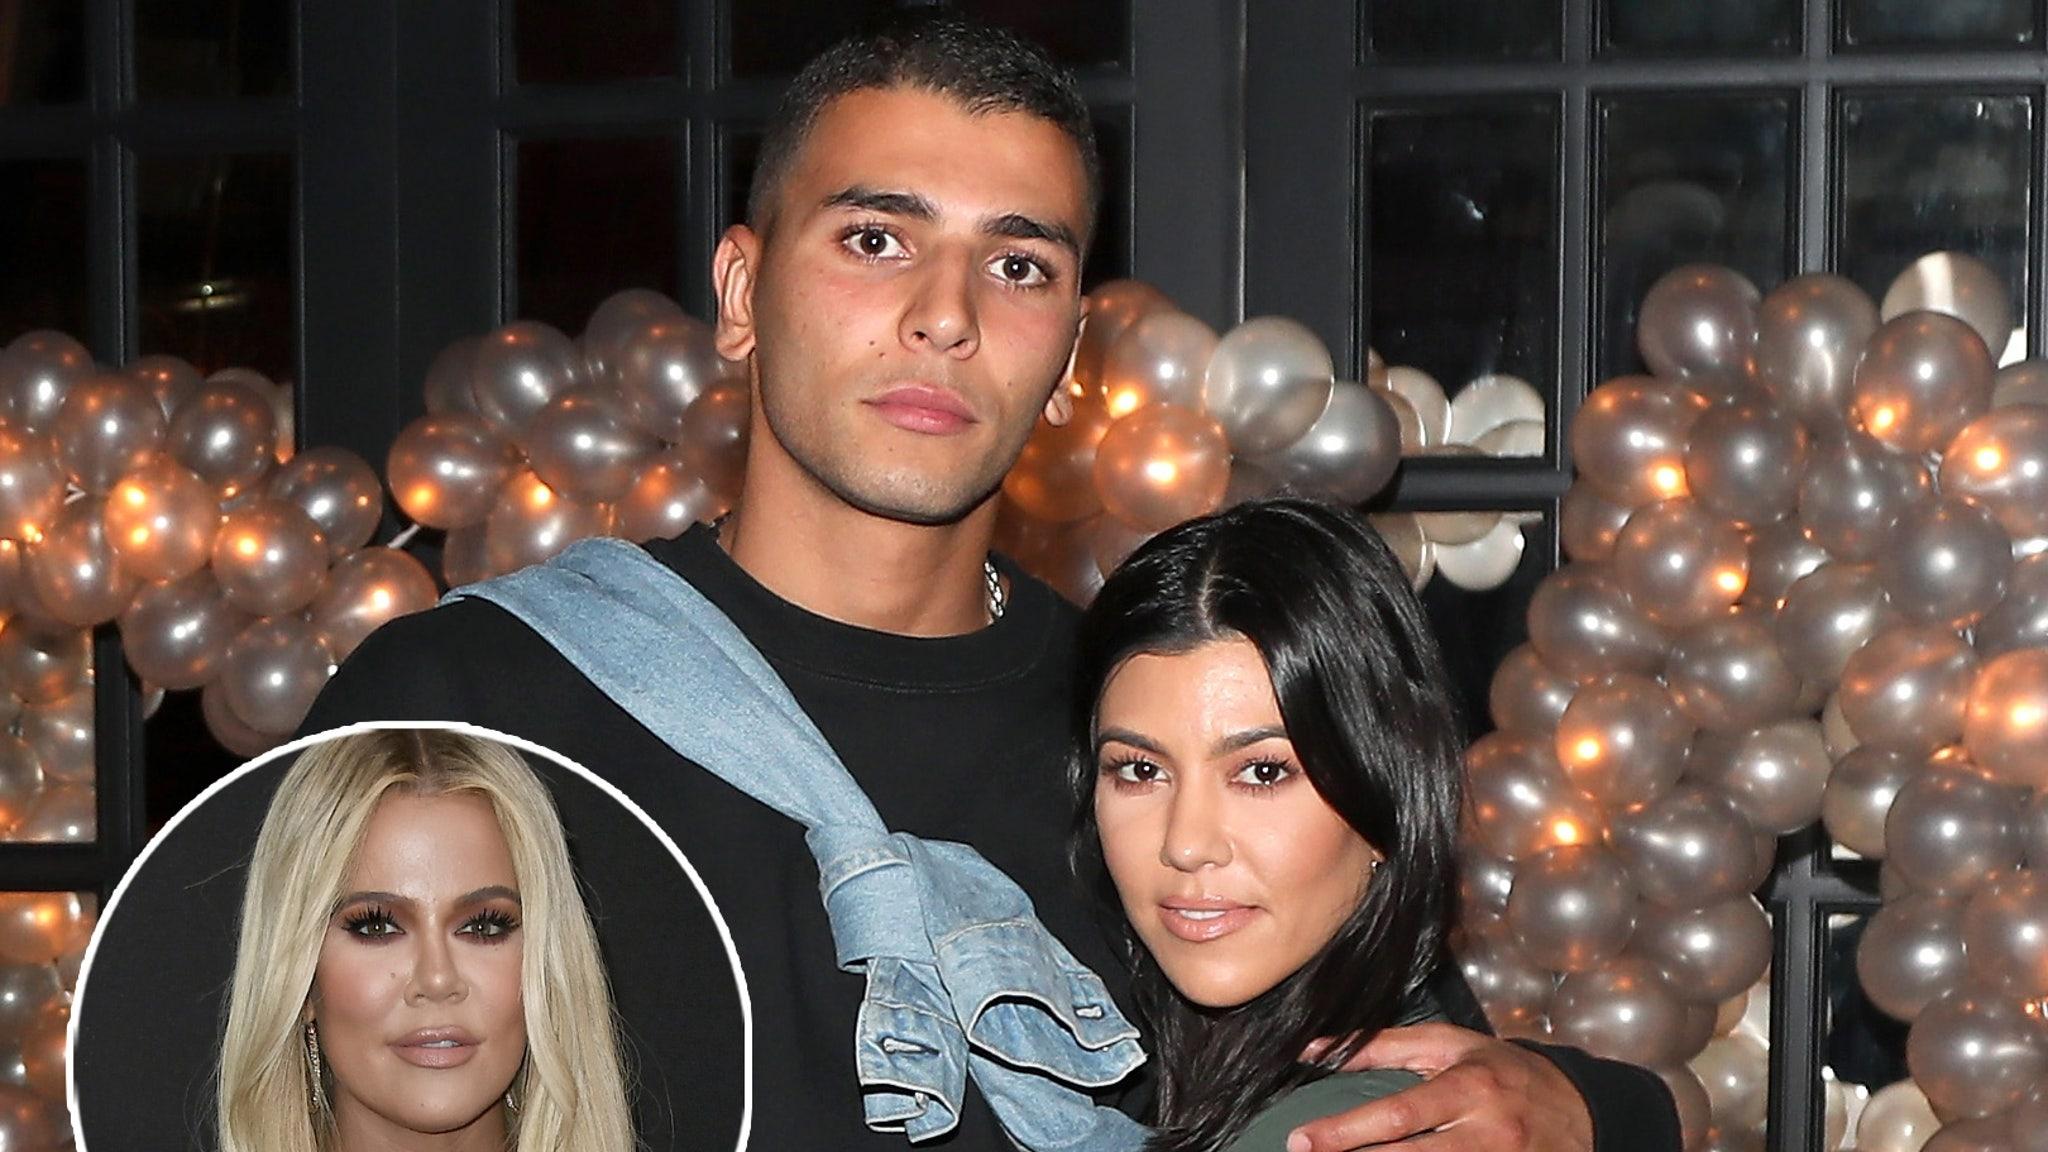 Khloe Kardashian Seemingly Slams Kourtney's Ex Younes Bendjima On Twit... image